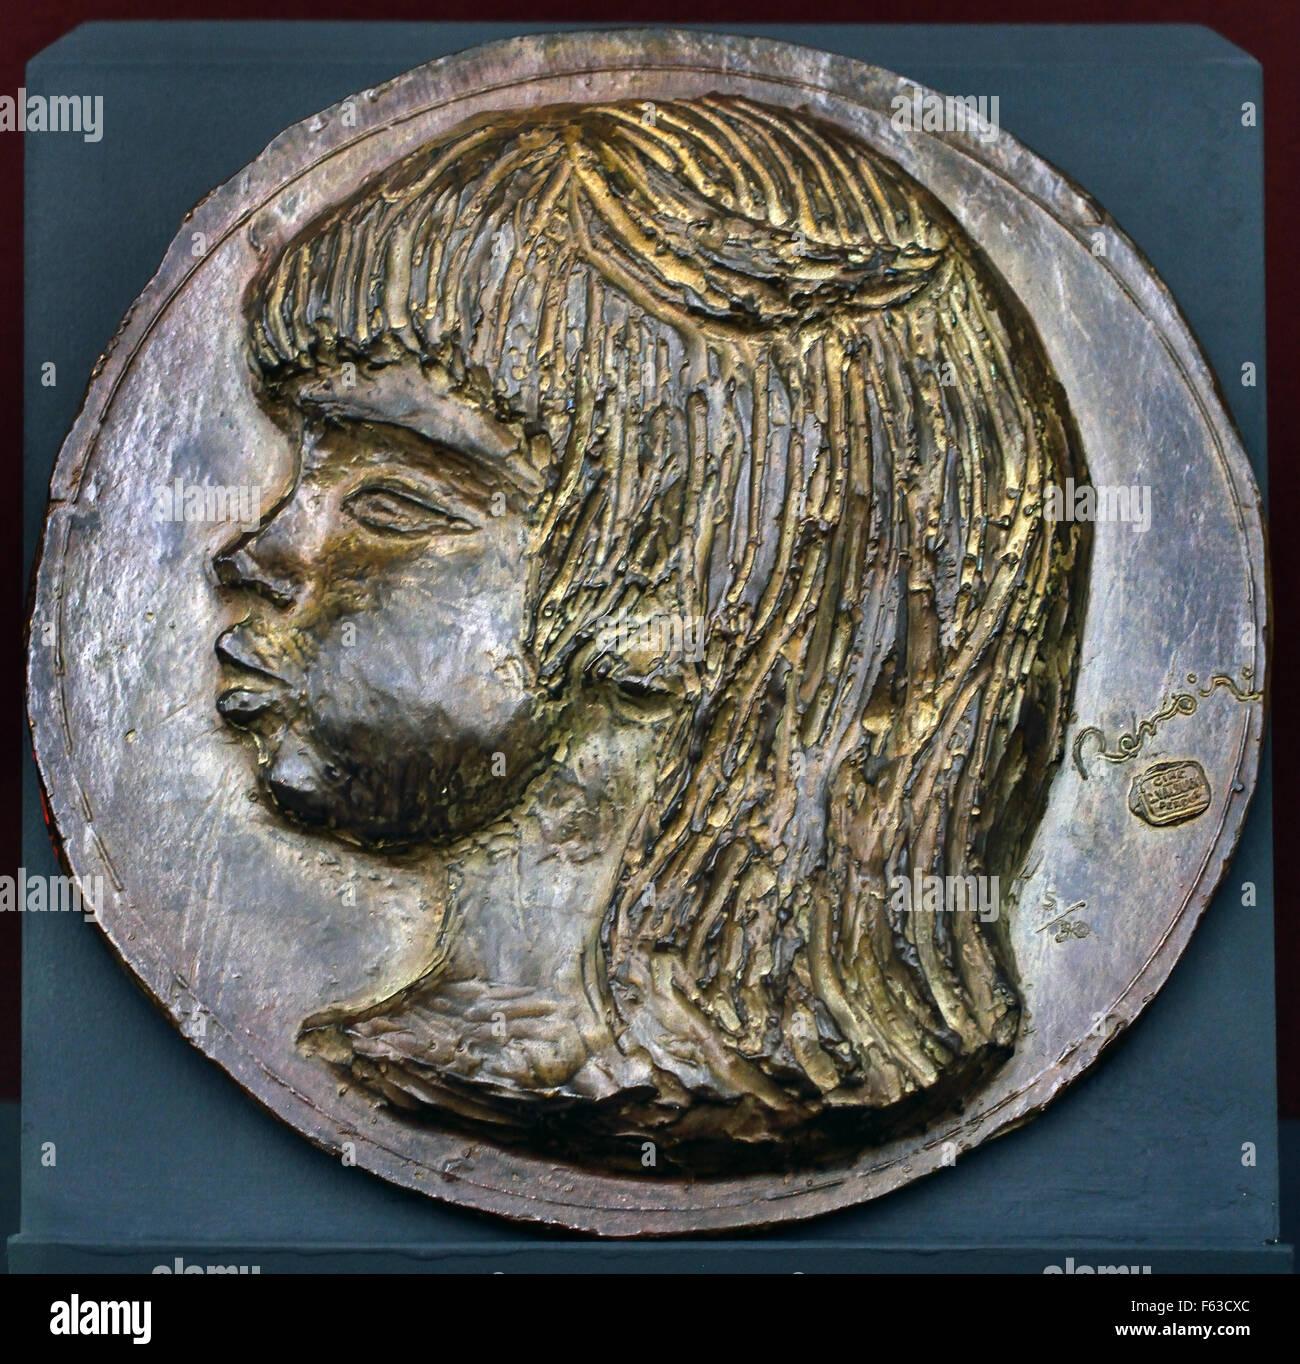 C. Valsuani Coco 1907 médaillon en bronze - C. Coco Valsuani 1907 bronze medal Pierre Auguste Renoir 1841-1919 - Stock Image